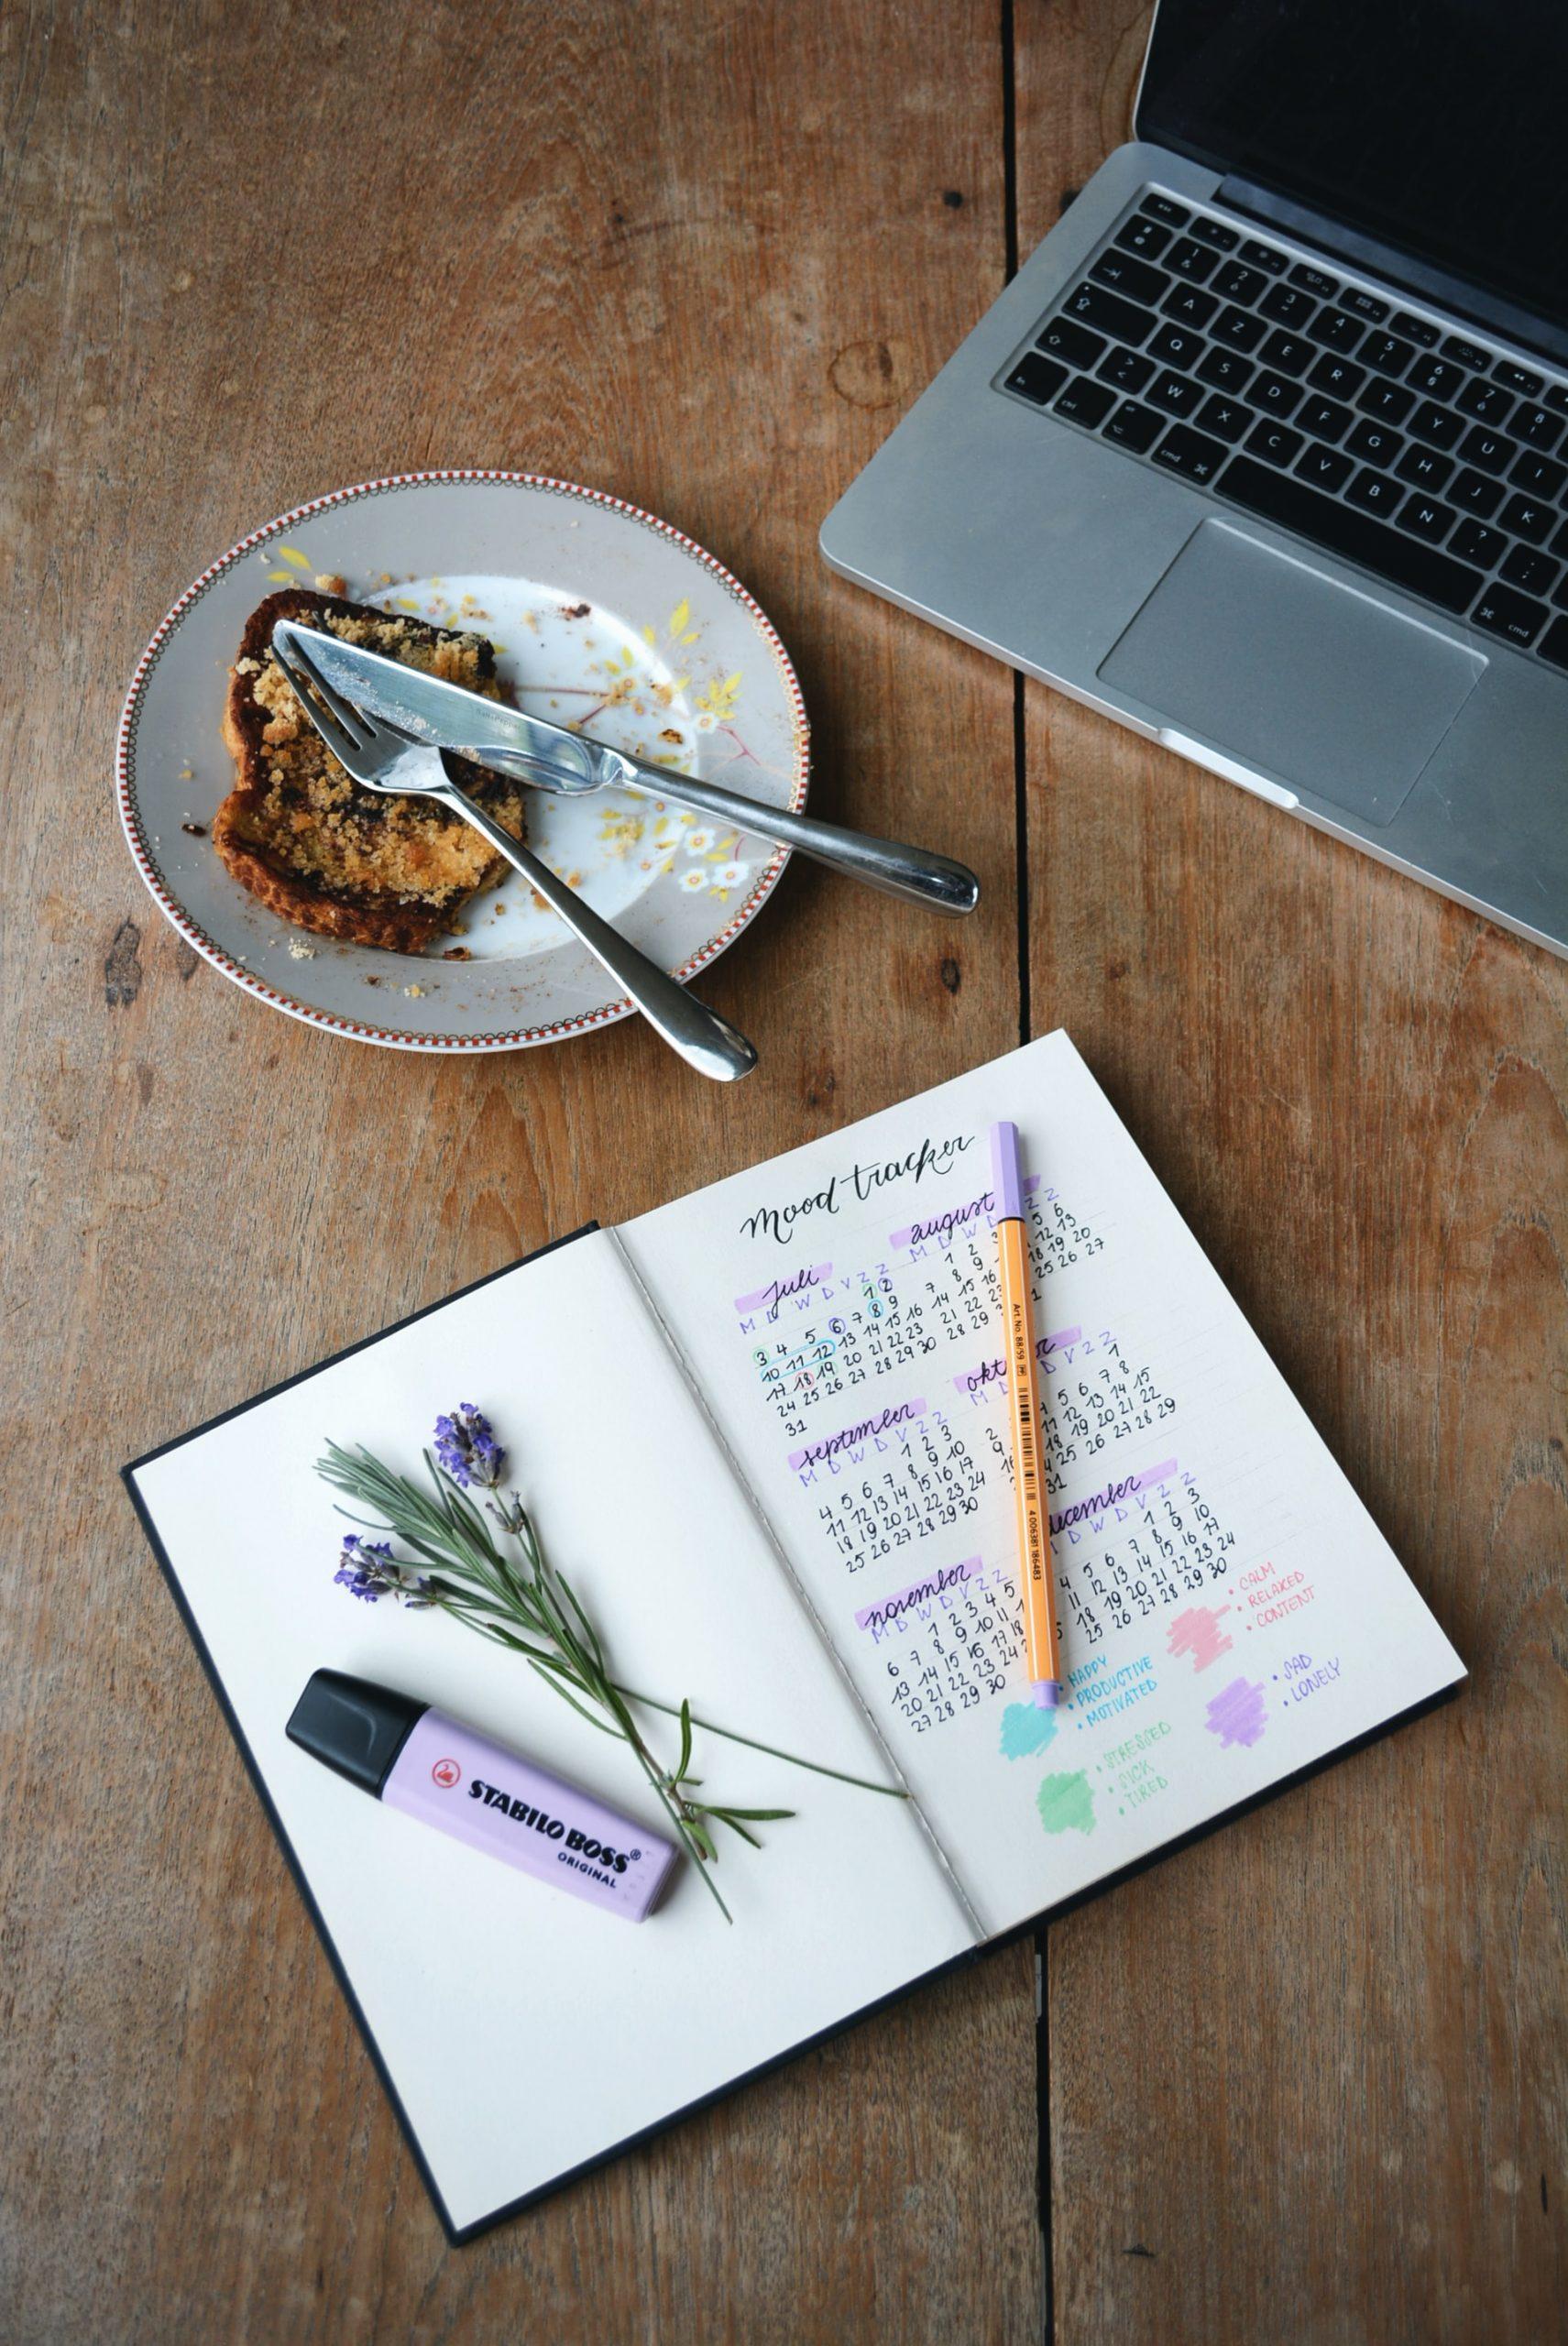 Zápisník a tanierik s príborom na kancelárskom stole